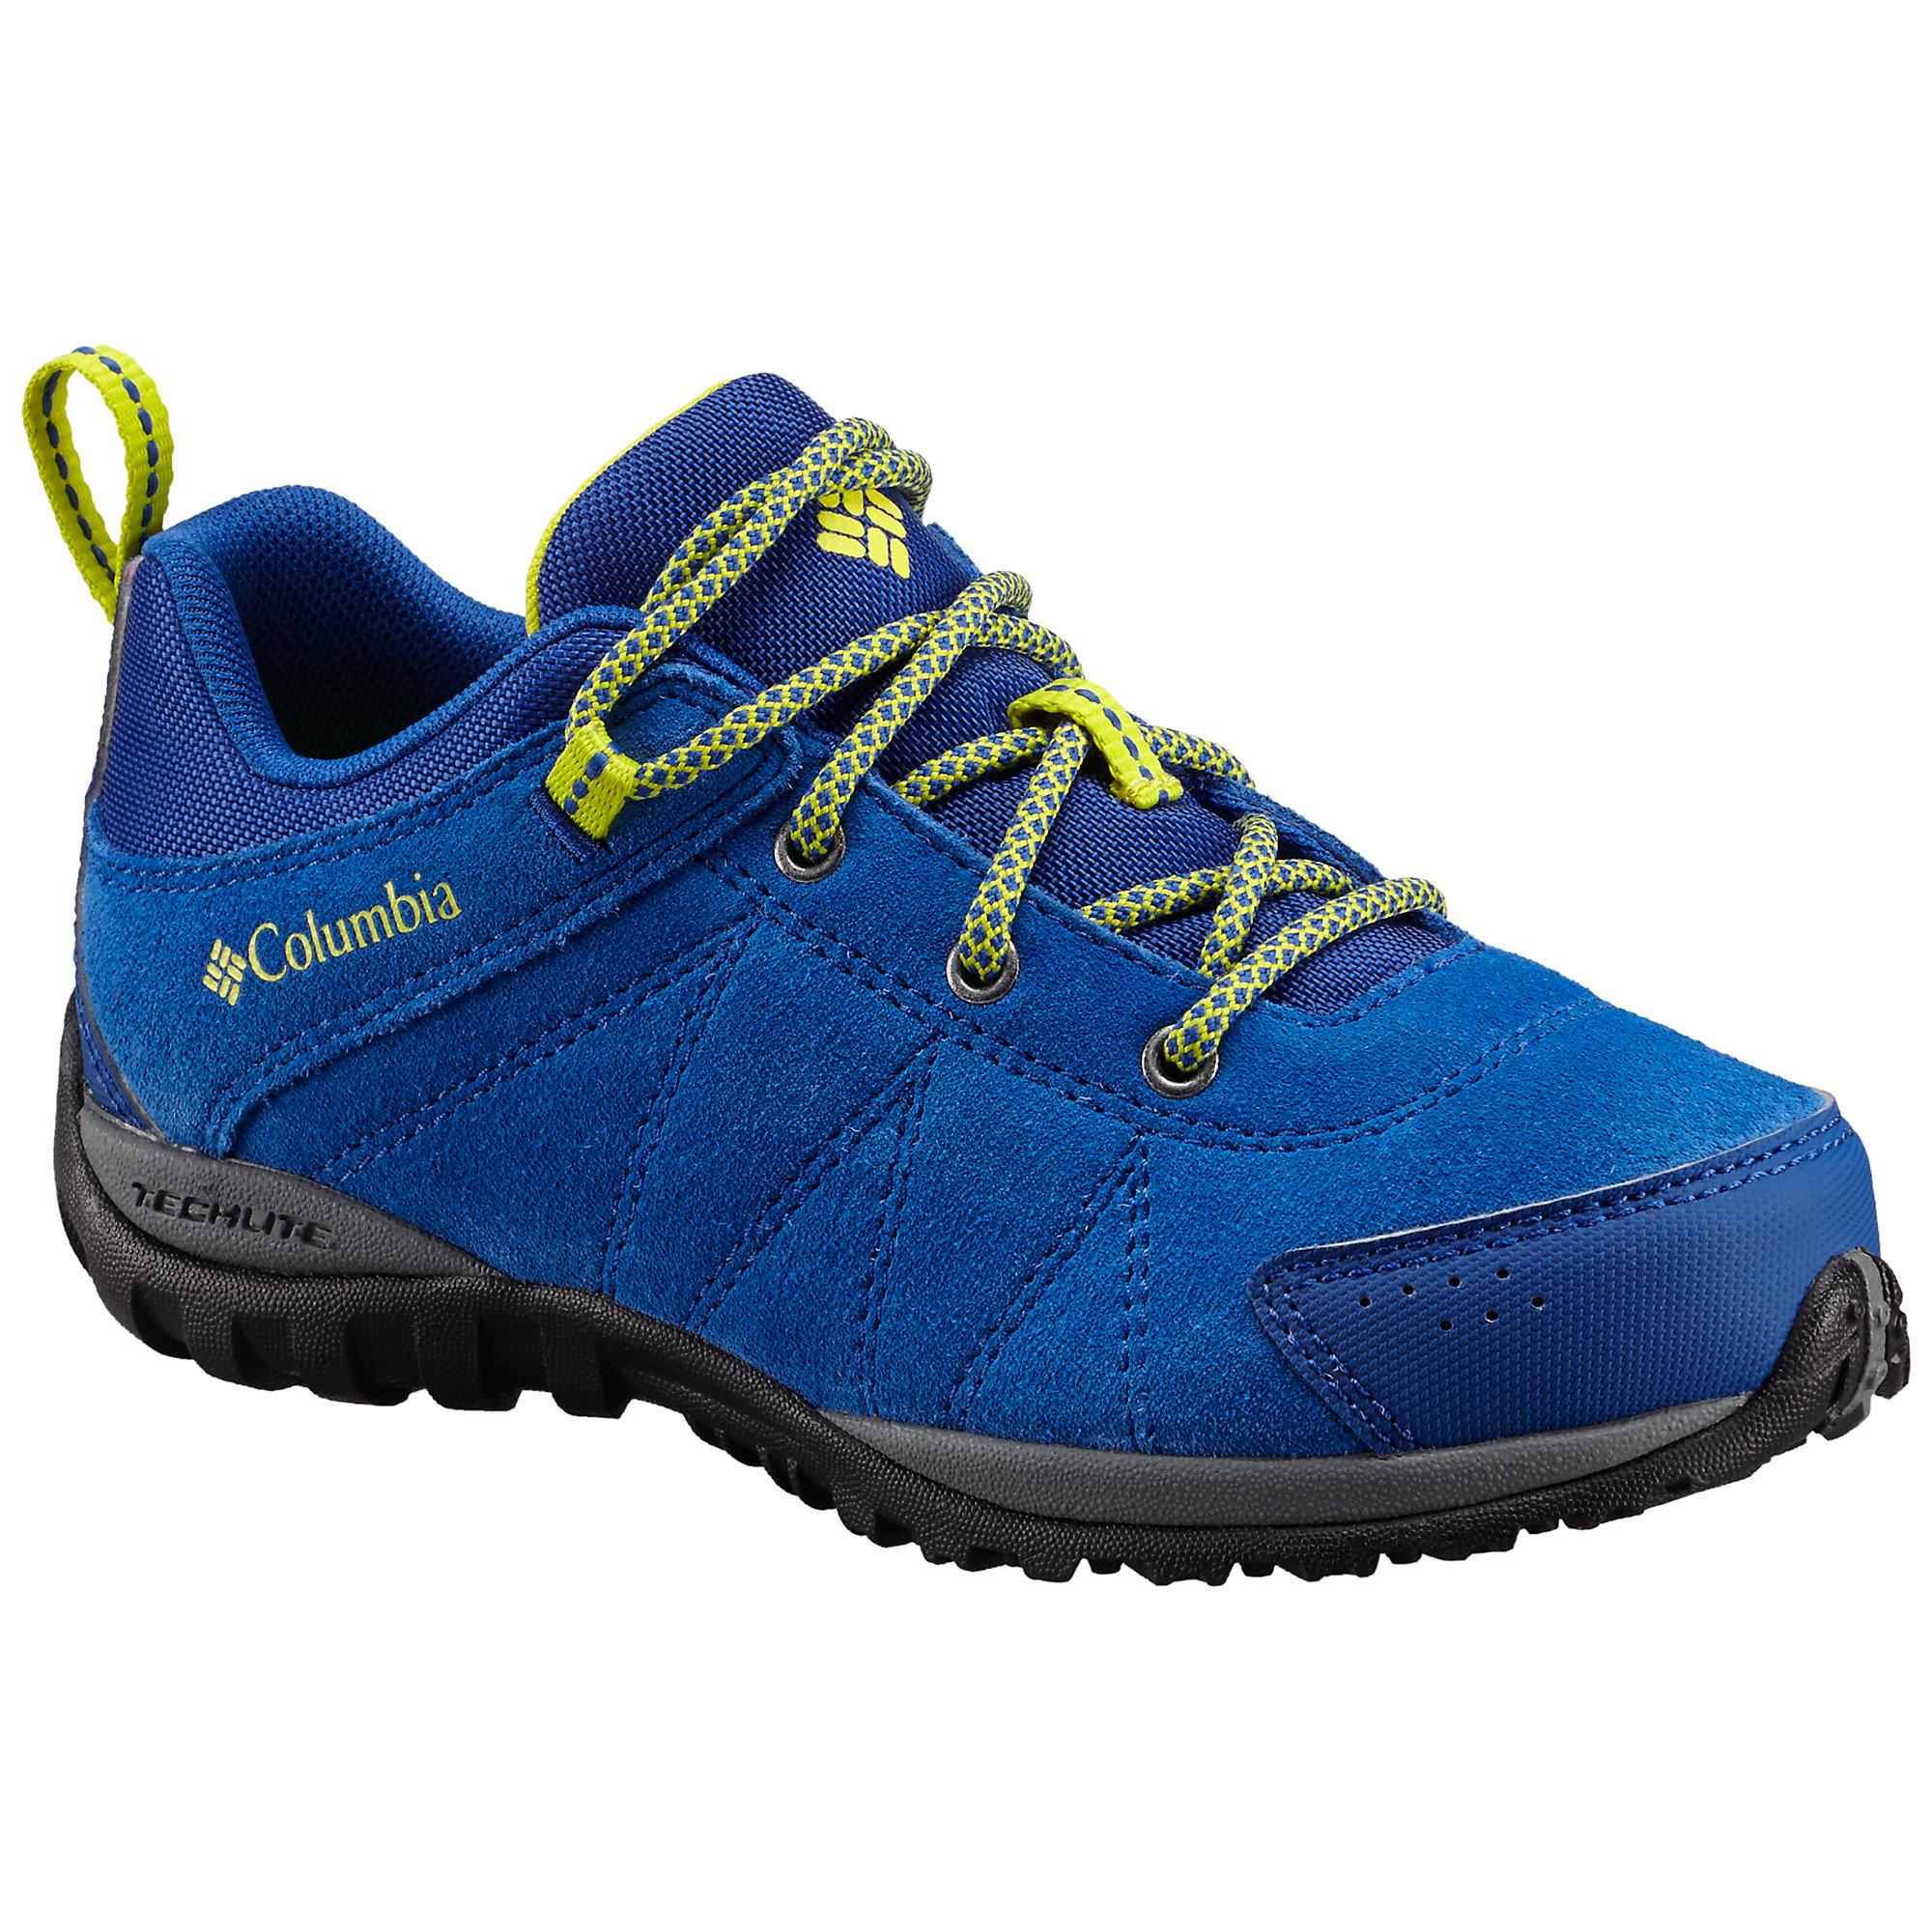 2a4ca4c3d45 Chaussures Enfant COLUMBIA en promo   soldes